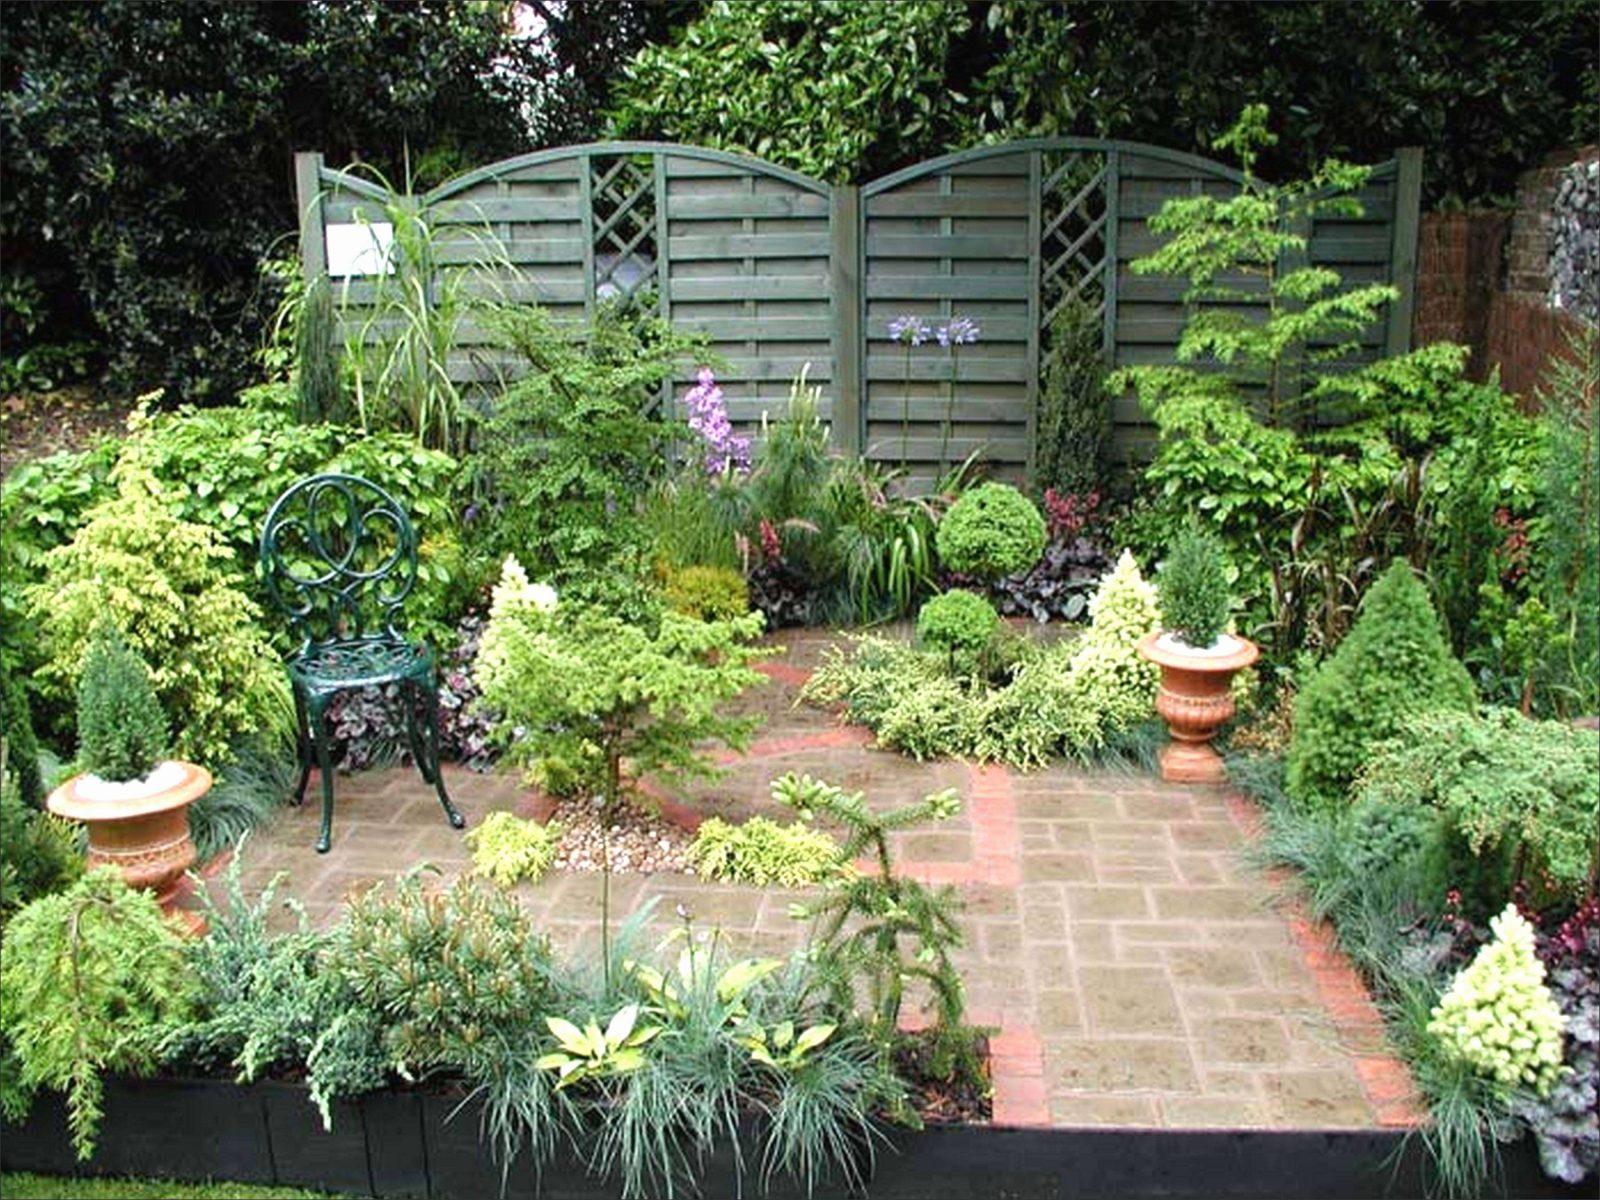 Ideen Zur Gartengestaltung Frisch Garten Ideas Garten Anlegen Design von Ecke Im Garten Gestalten Bild